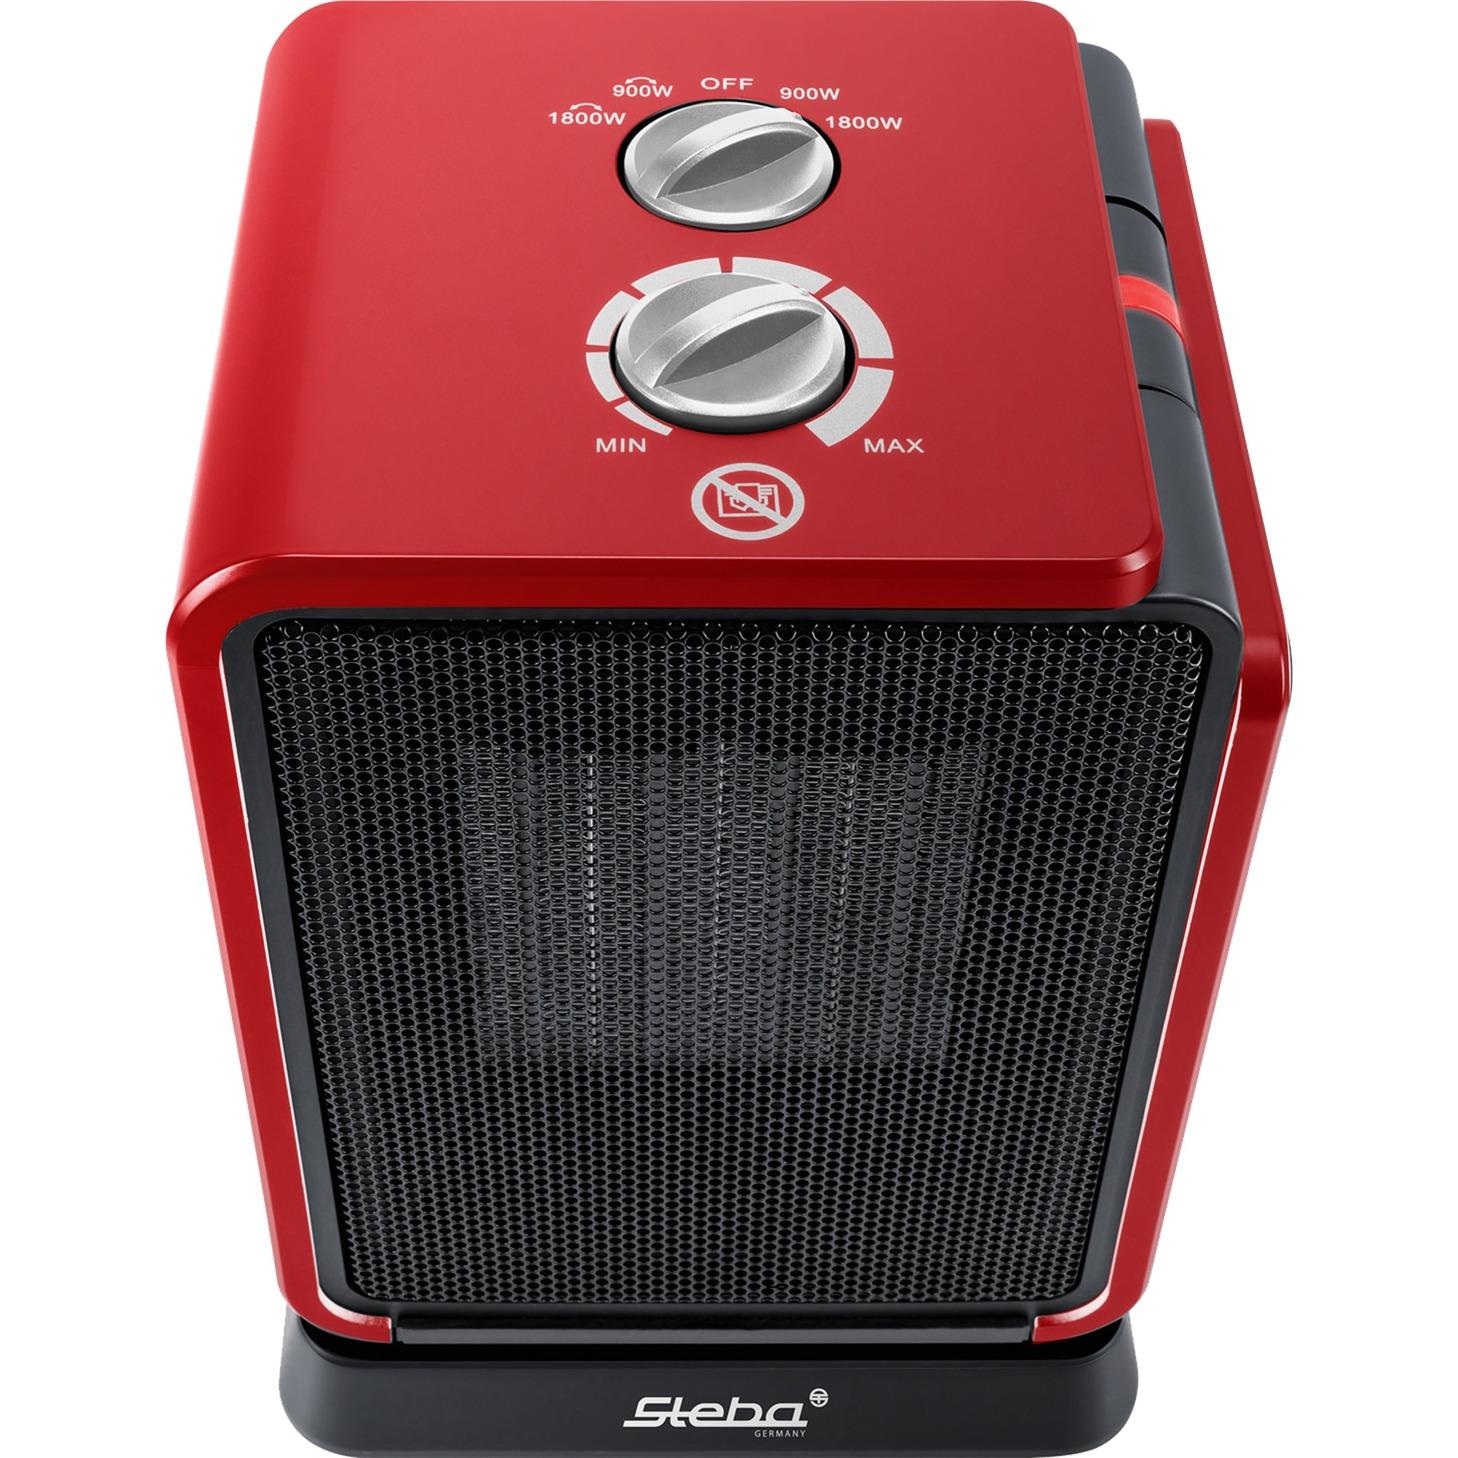 KH 2 Calentador de ventilador Negro, Rojo 1800 W, Termoventiladores